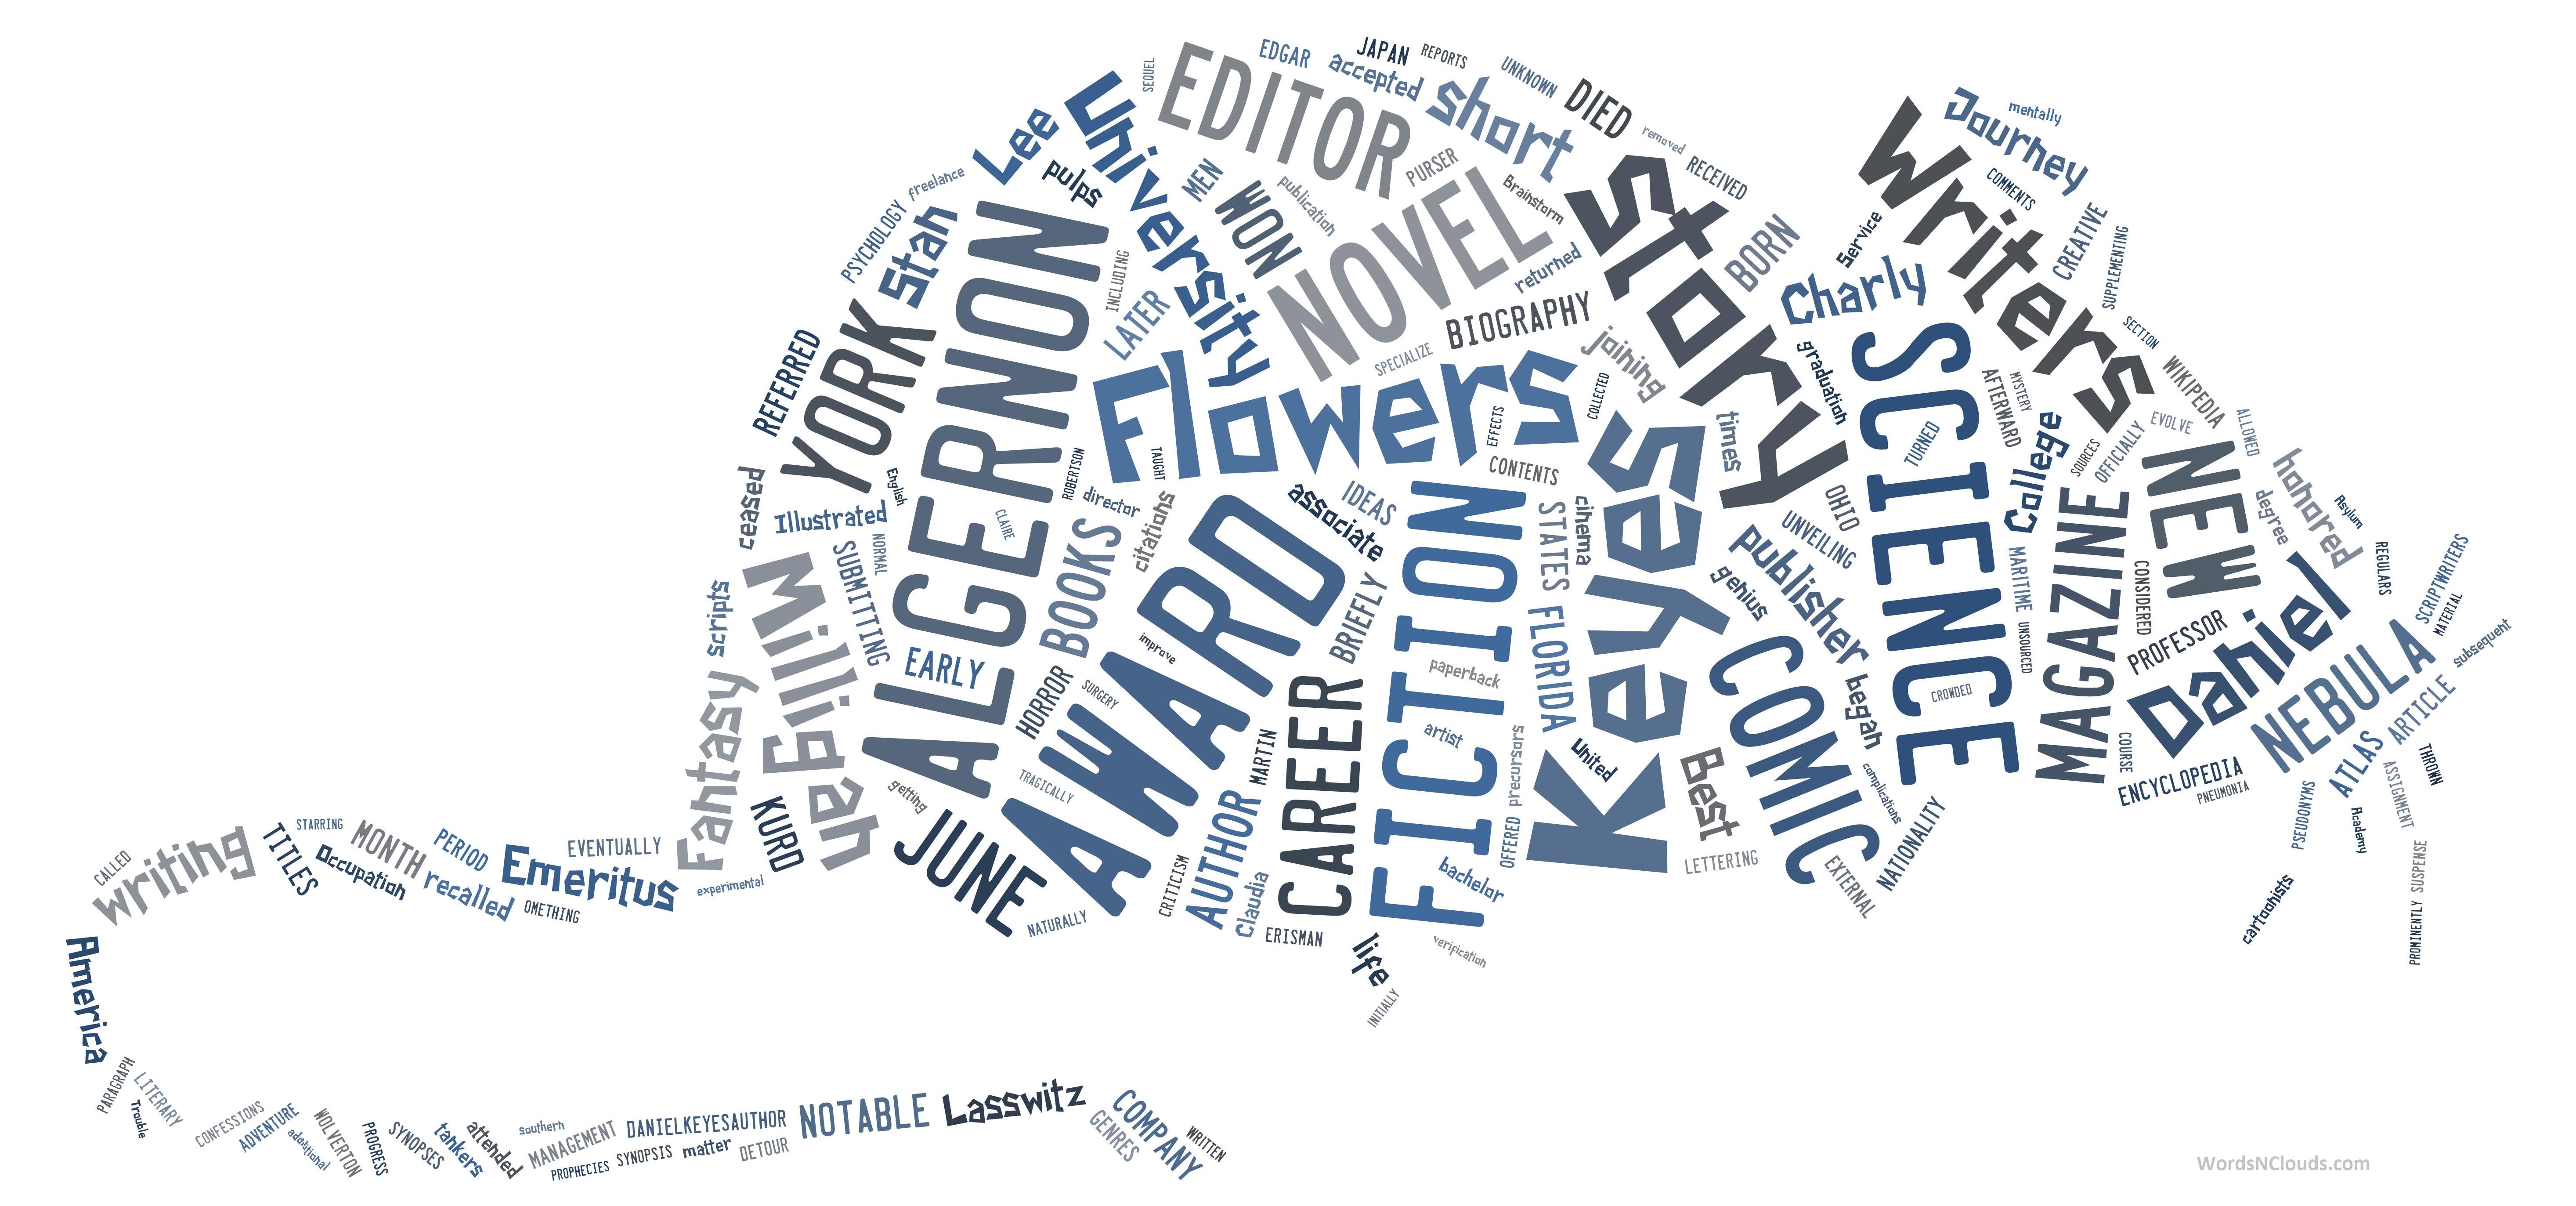 Flowers For Algernon Theme Prezi